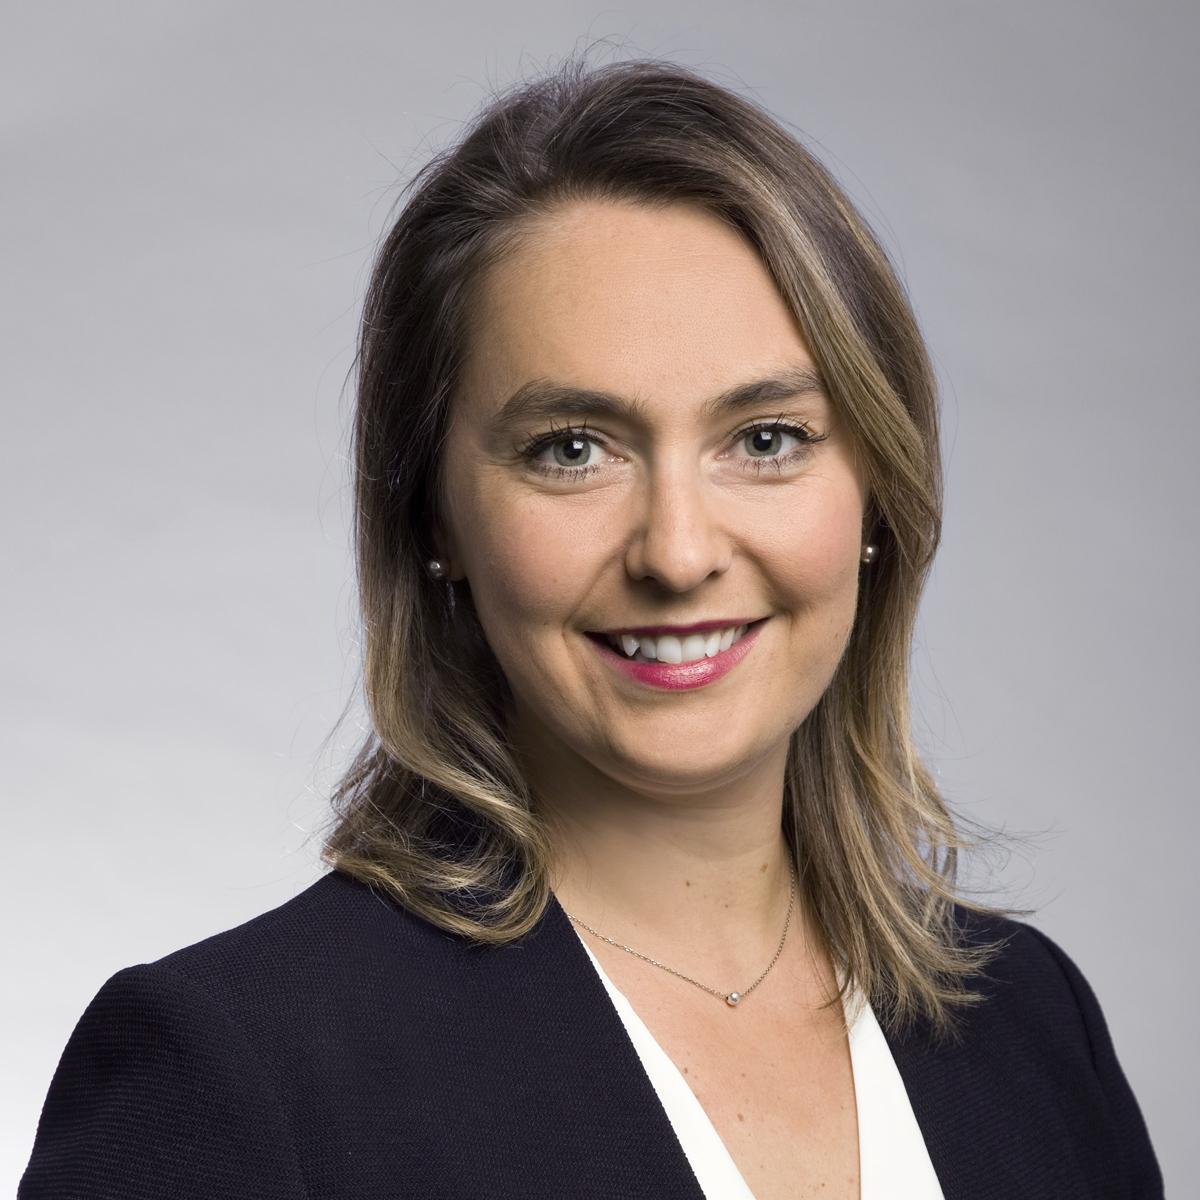 Cindy Veilleux